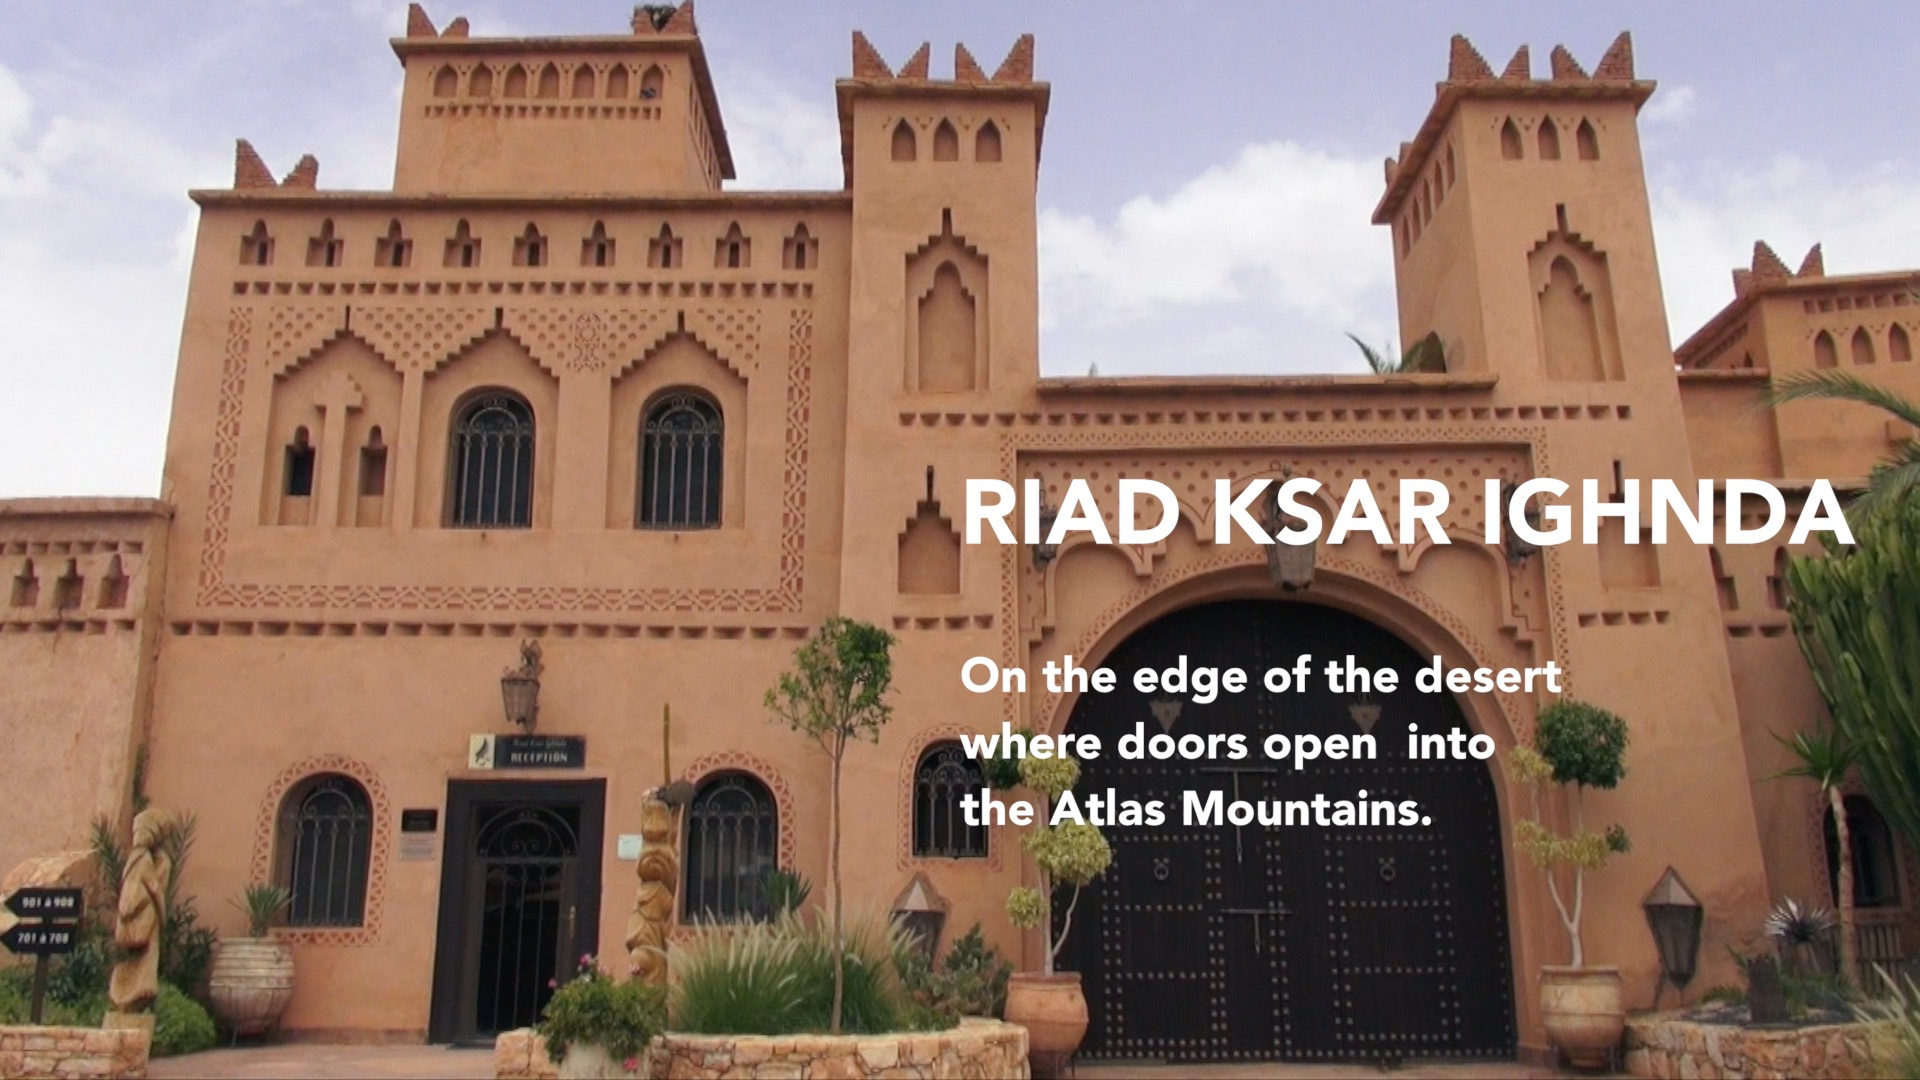 Hotel Riad Ksar Ighnda